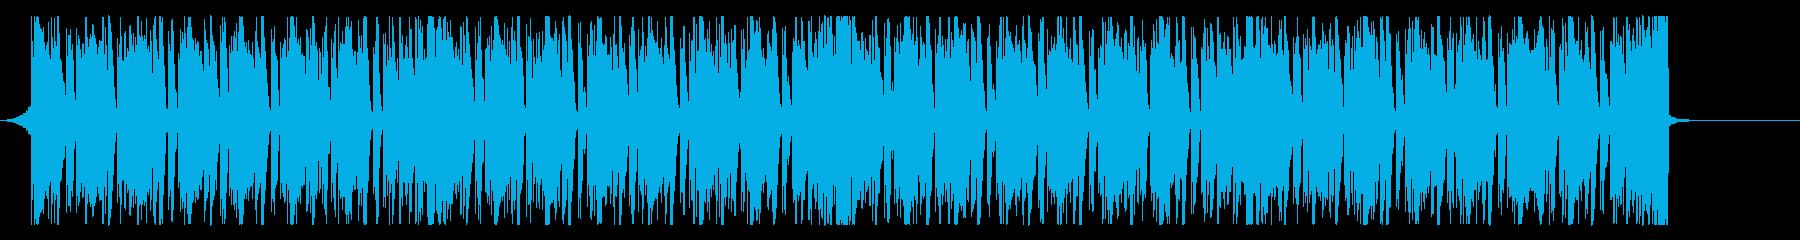 爽快・Kawaiiフューチャーベース dの再生済みの波形